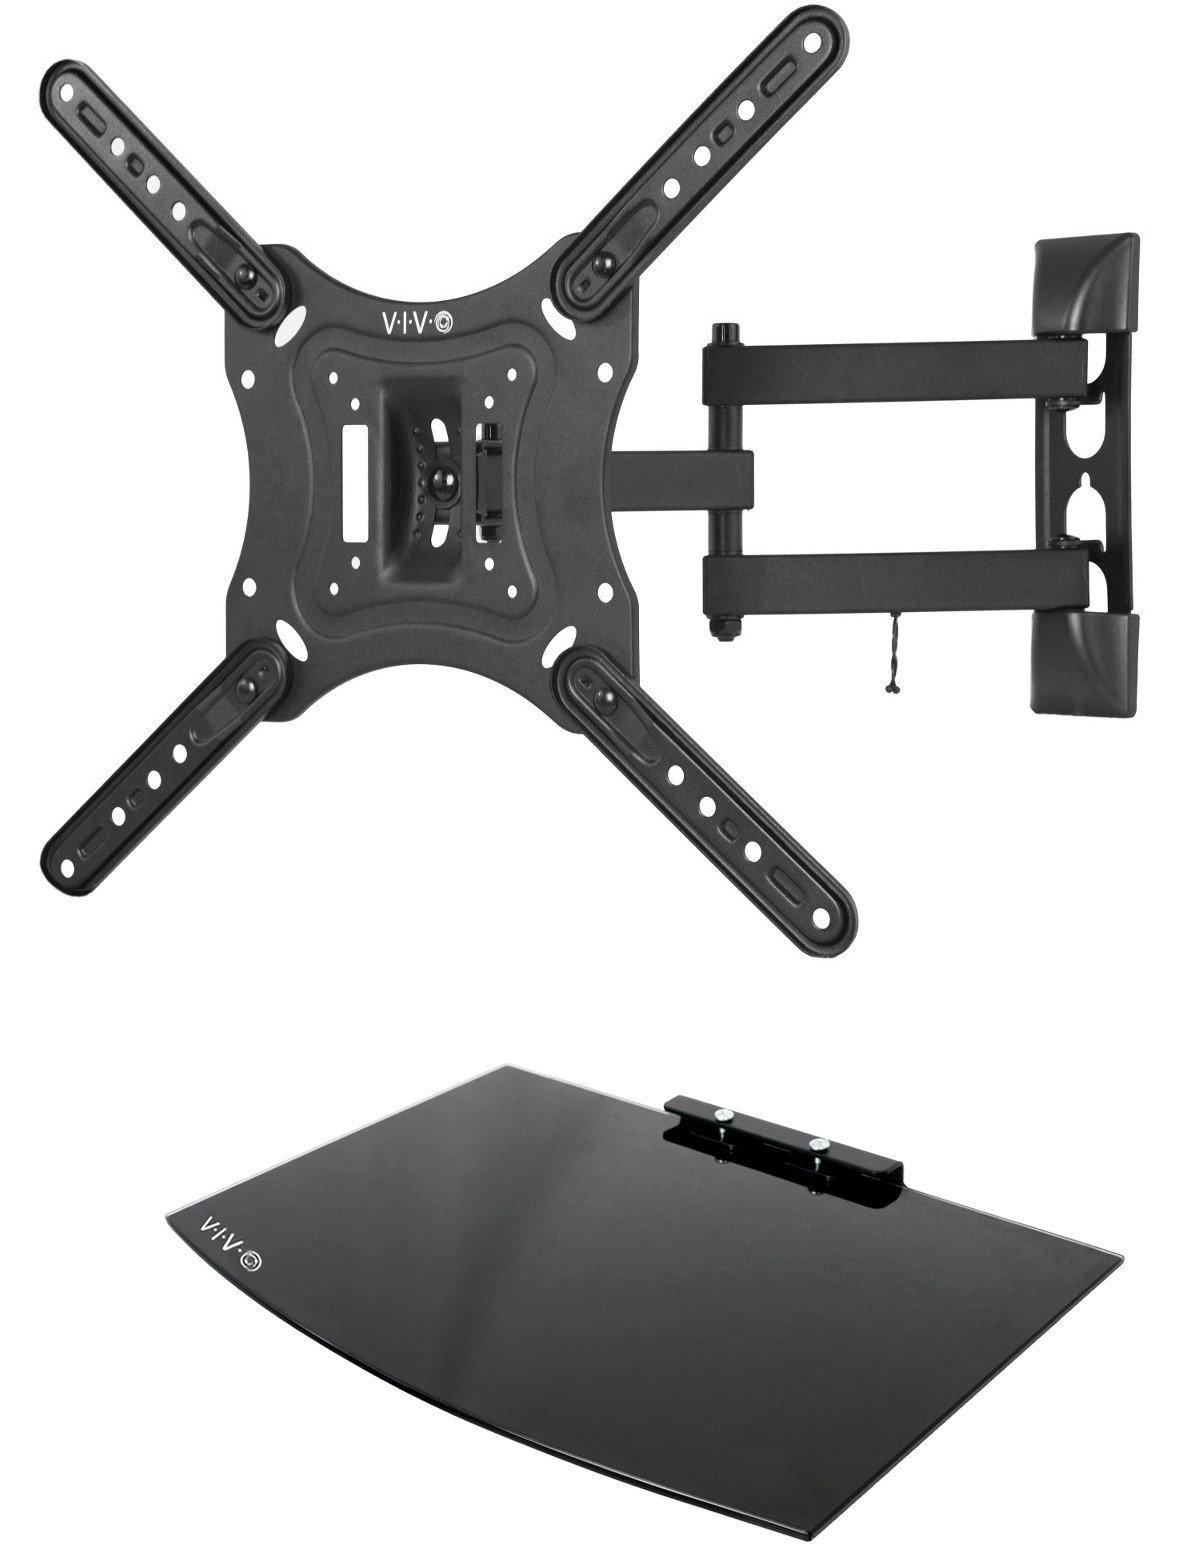 VIVO Black TV Adjustable Tilt Wall Mount & Entertainment Shelf Floating AV, DVD Shelving for Screens up to 55'' (MOUNT-VWSF1)